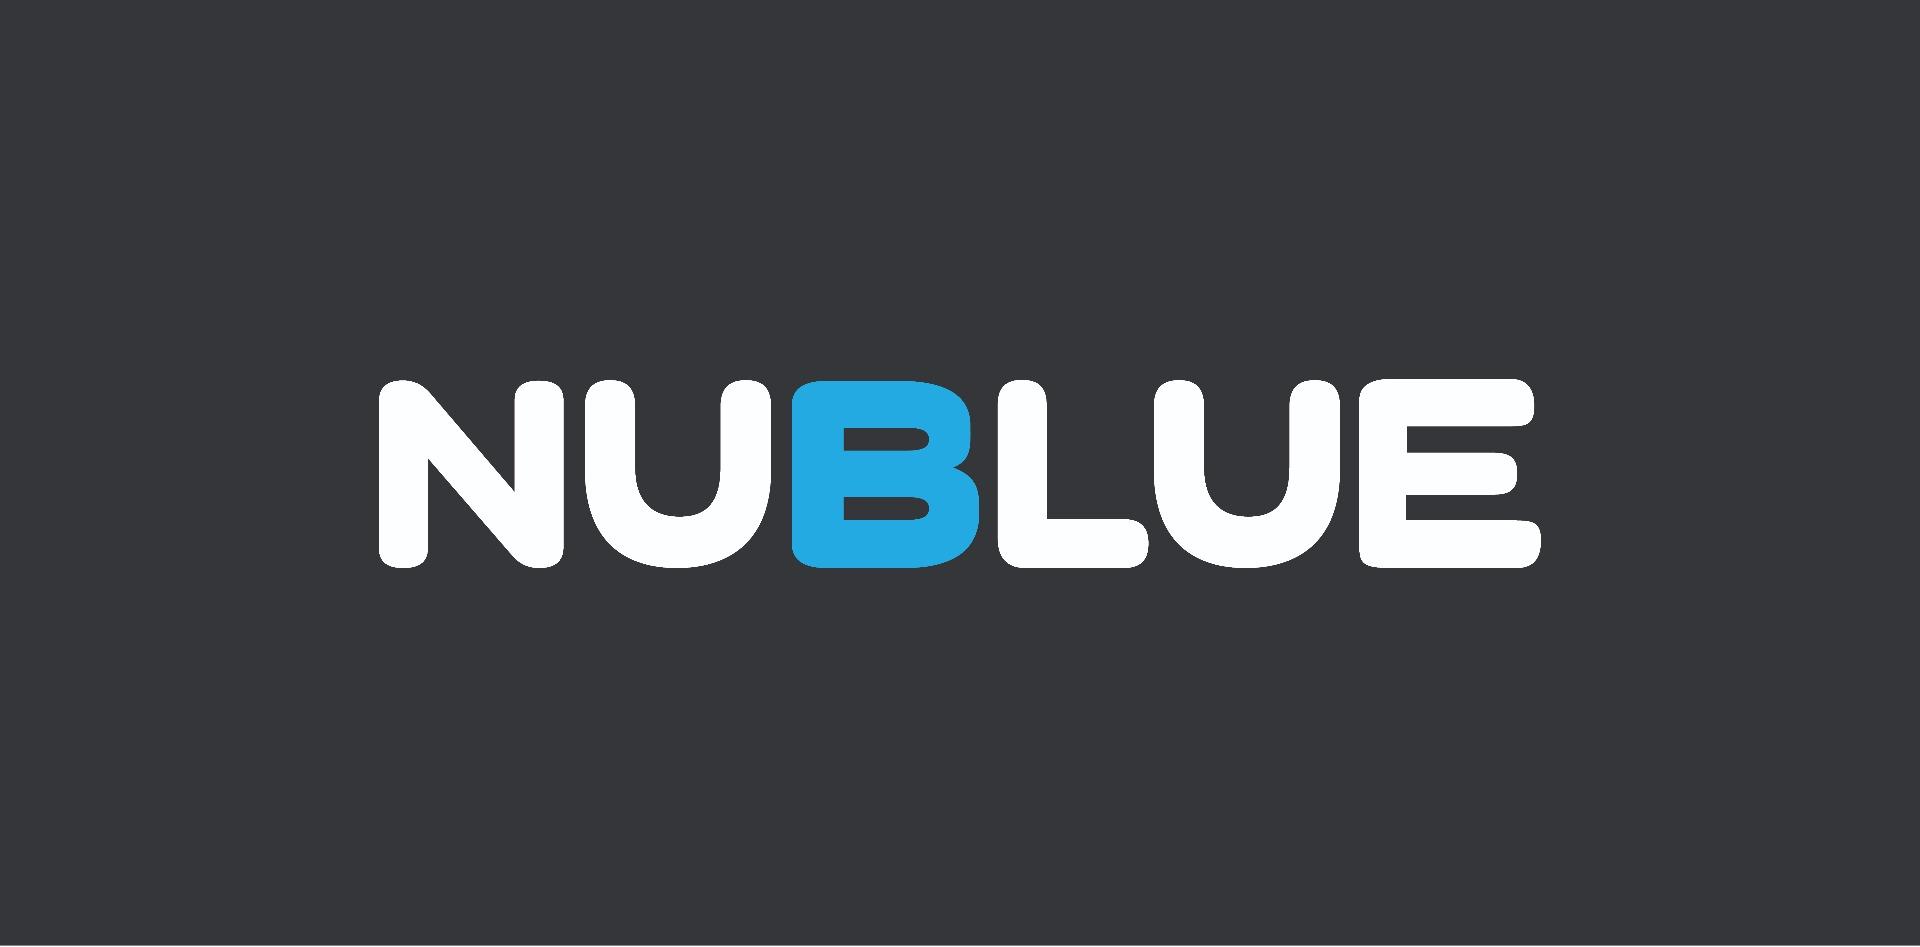 Nublue (UK)